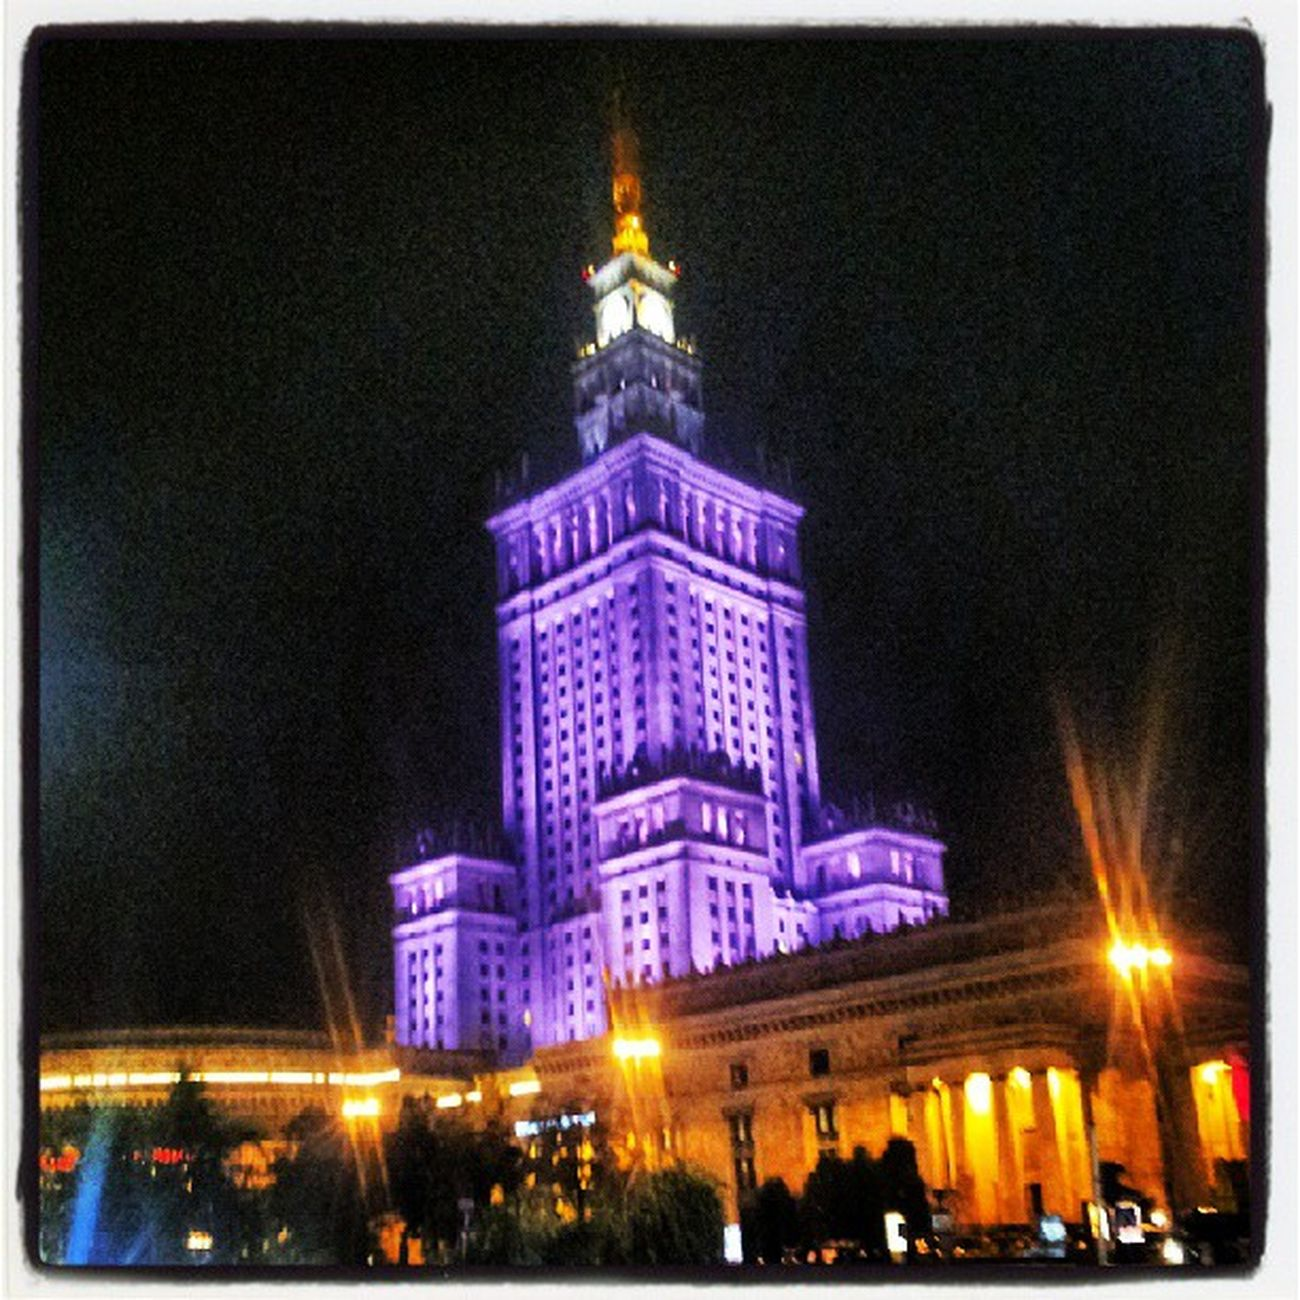 Palackultury Warszawa  Warsaw Palaceofculture capitolcity like4like shot picoftheday